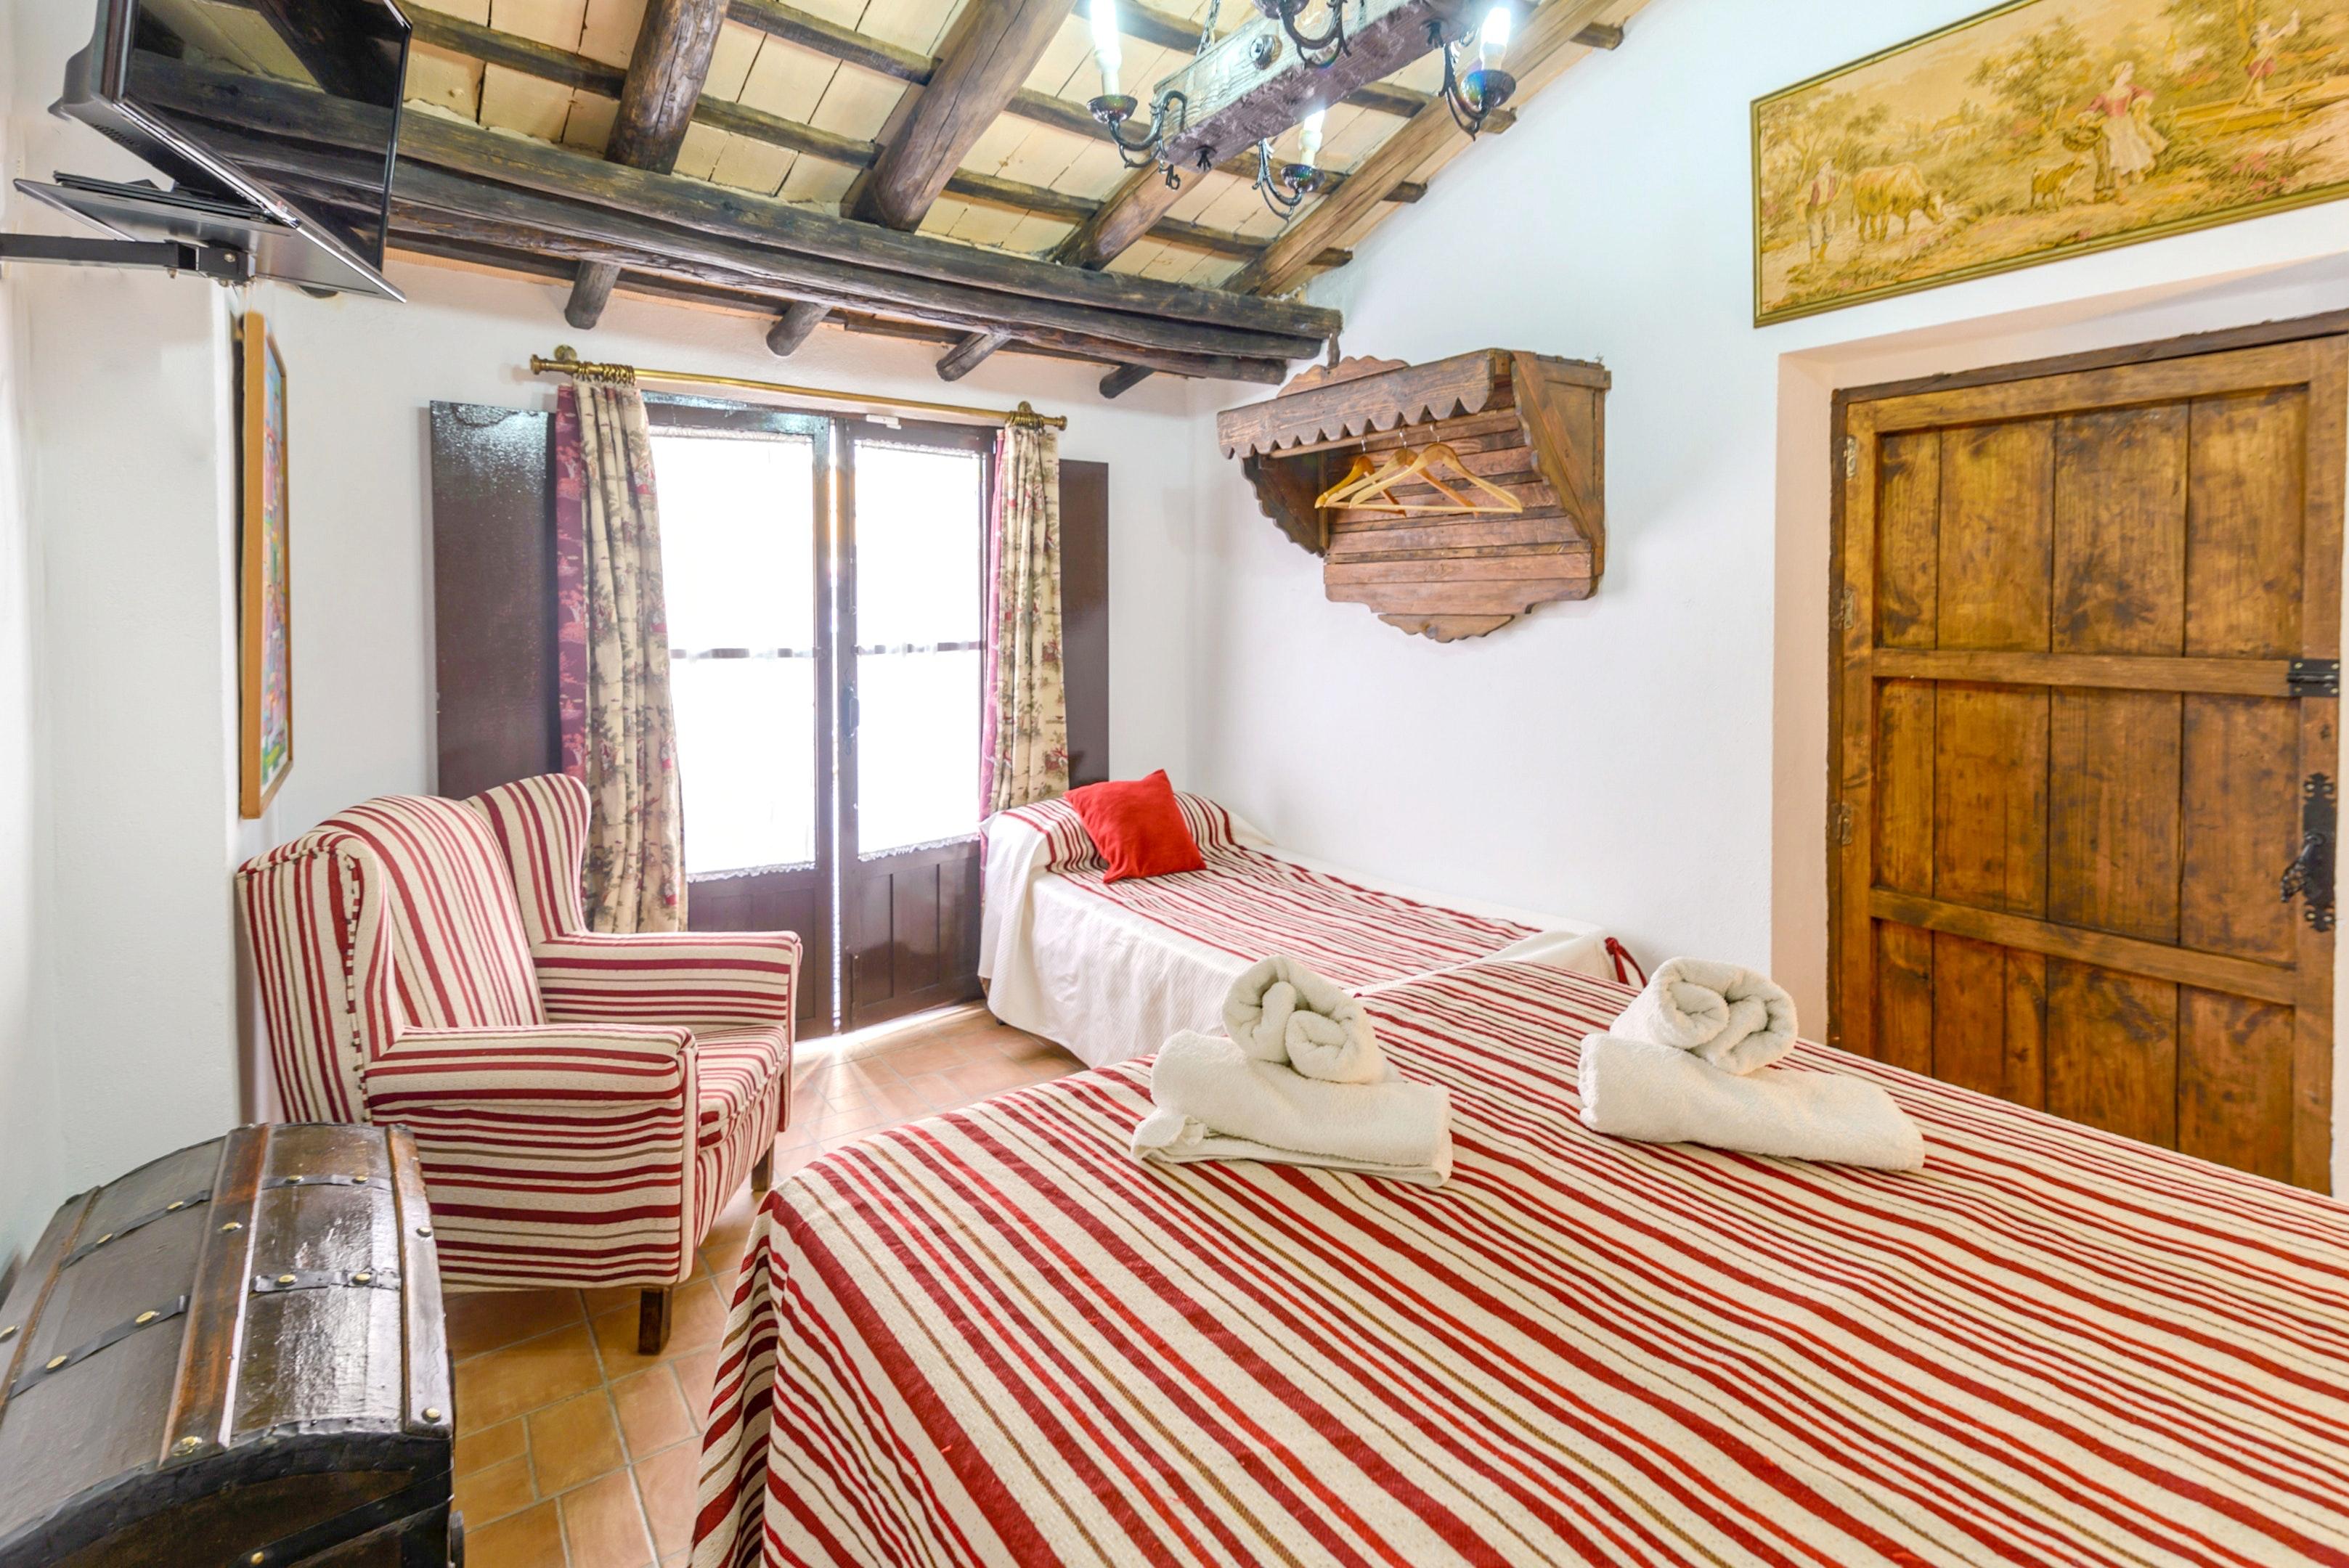 Ferienhaus Villa mit 3 Schlafzimmern in Peñaflor mit privatem Pool, eingezäuntem Garten und W-LAN (2208249), Peñaflor, Sevilla, Andalusien, Spanien, Bild 51